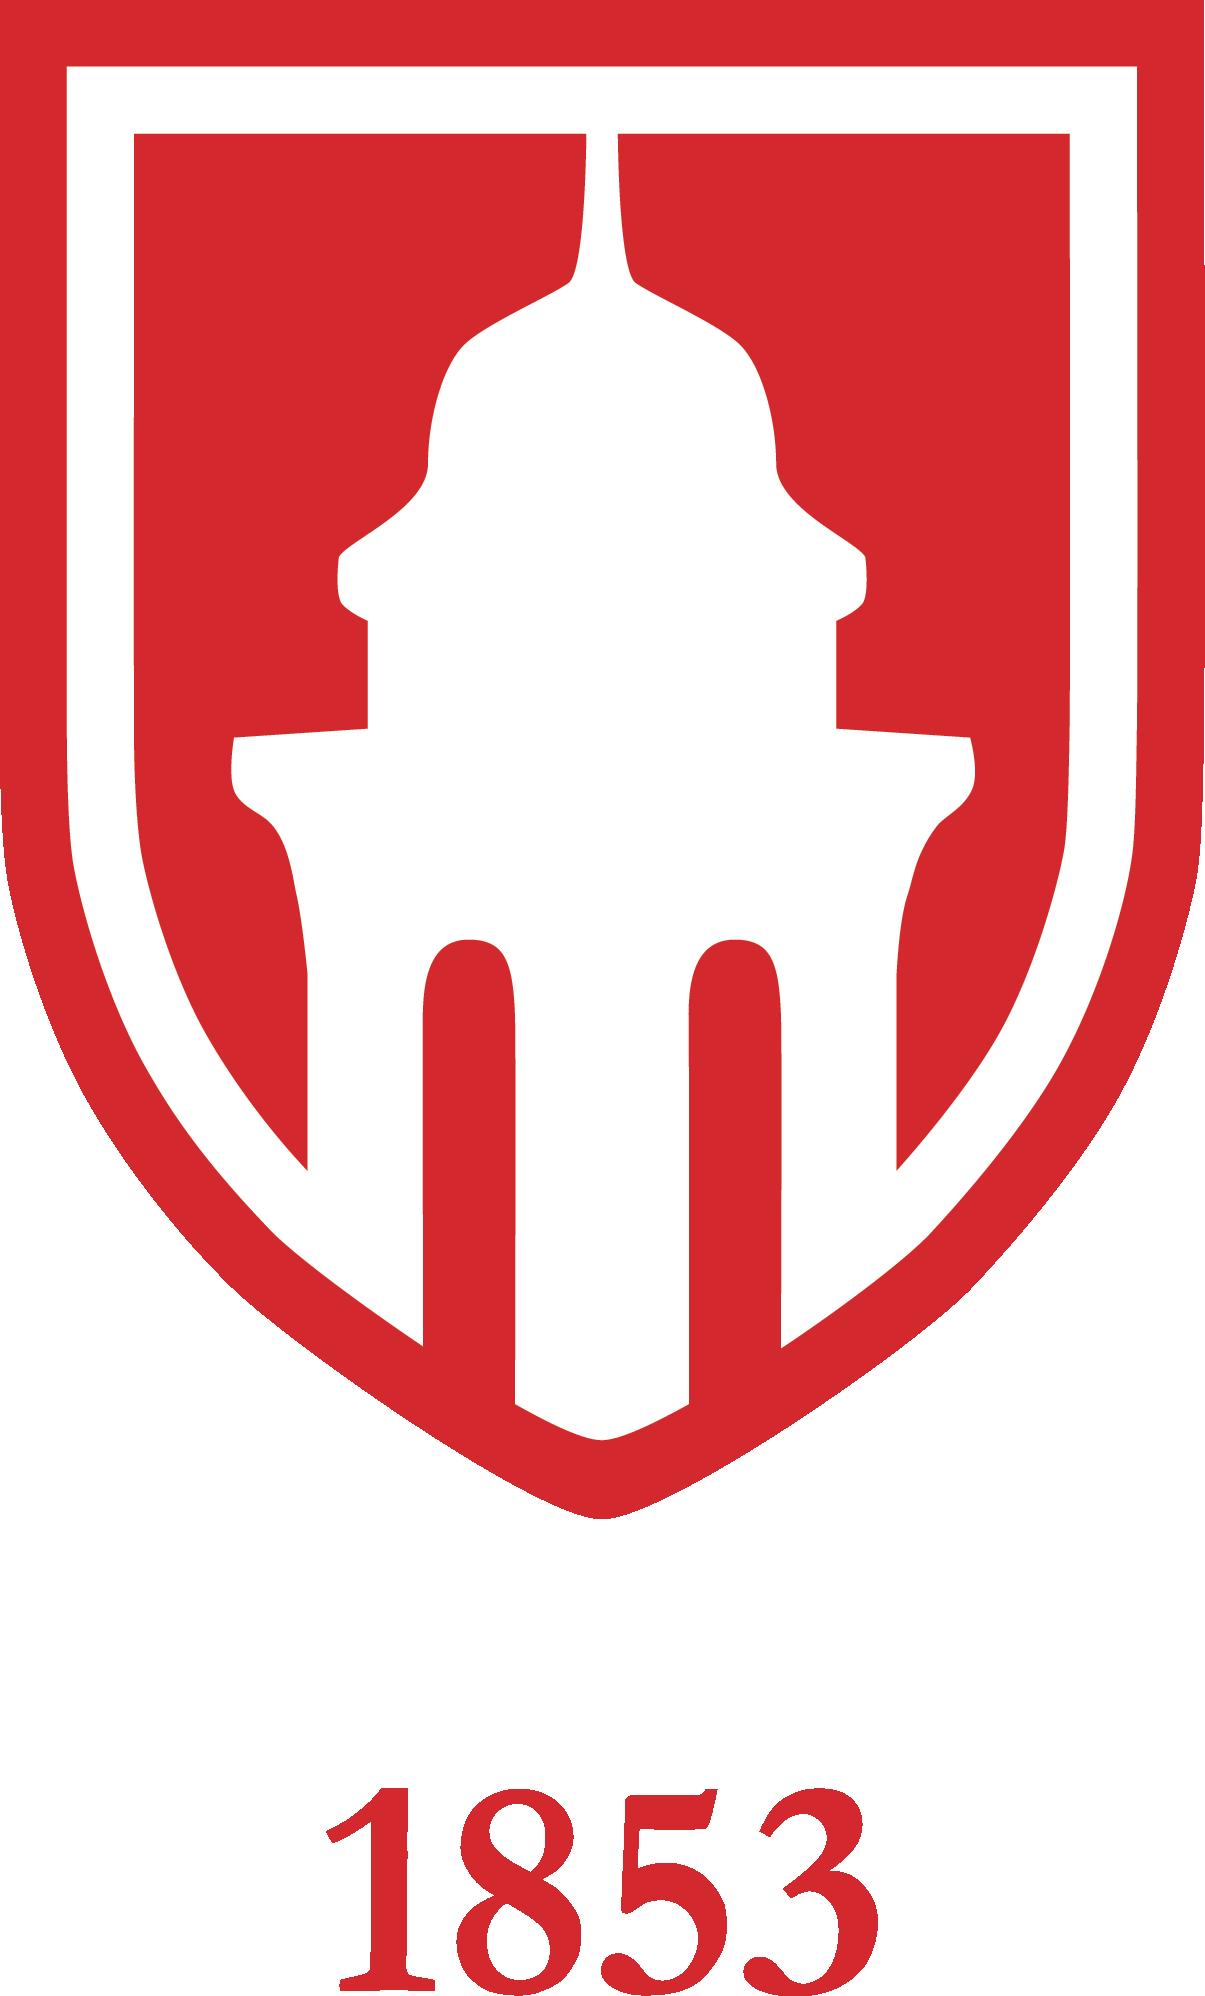 Mc crest 1853 red